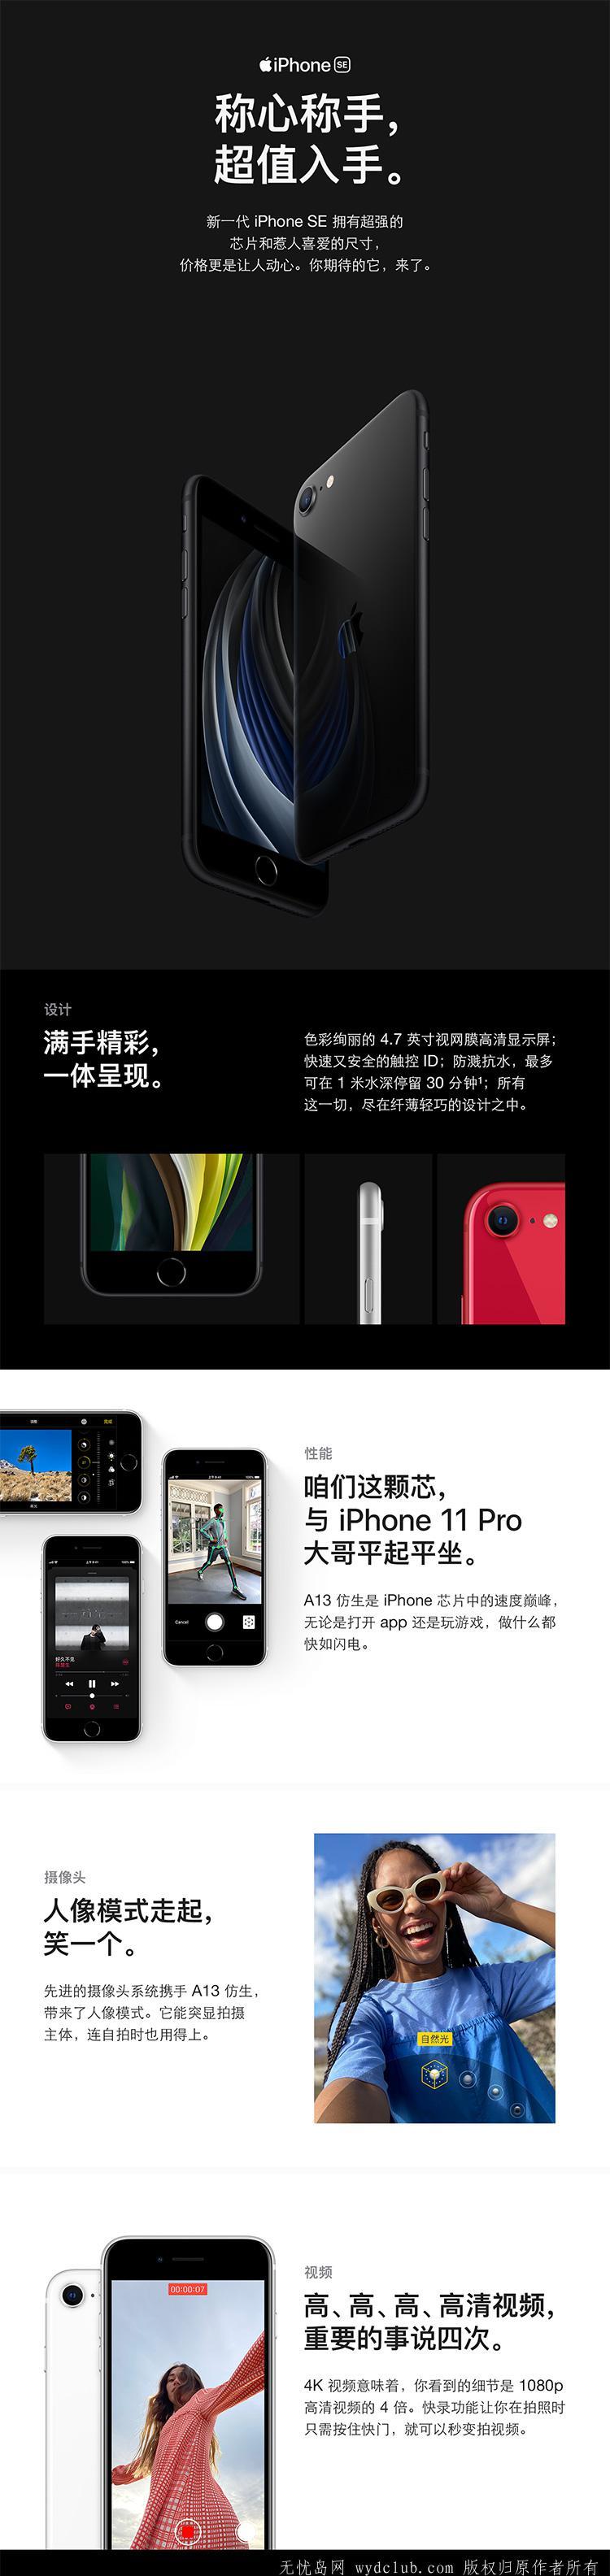 Apple iPhone SE (A2298) 64GB 黑色 移动联通电信4G手机  京东特惠 第1张